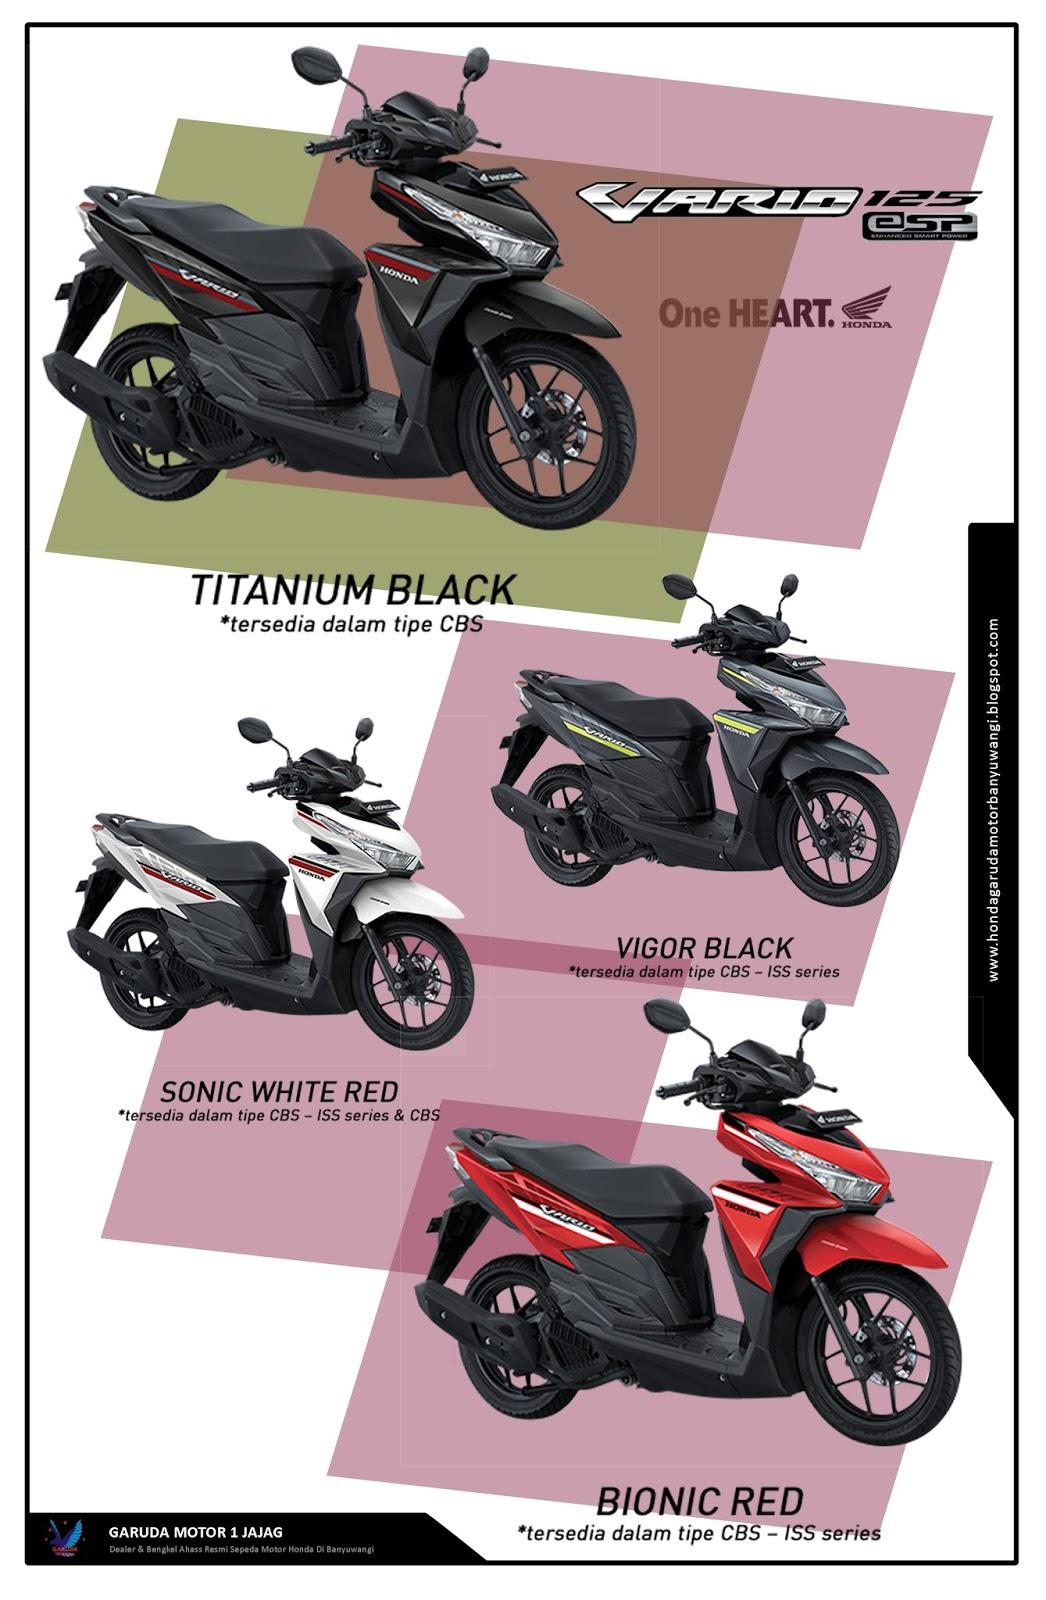 Vario Techno 125 Honda Banyuwangi Garuda Motor 1 New Esp Cbs Iss Bionic Red Klaten